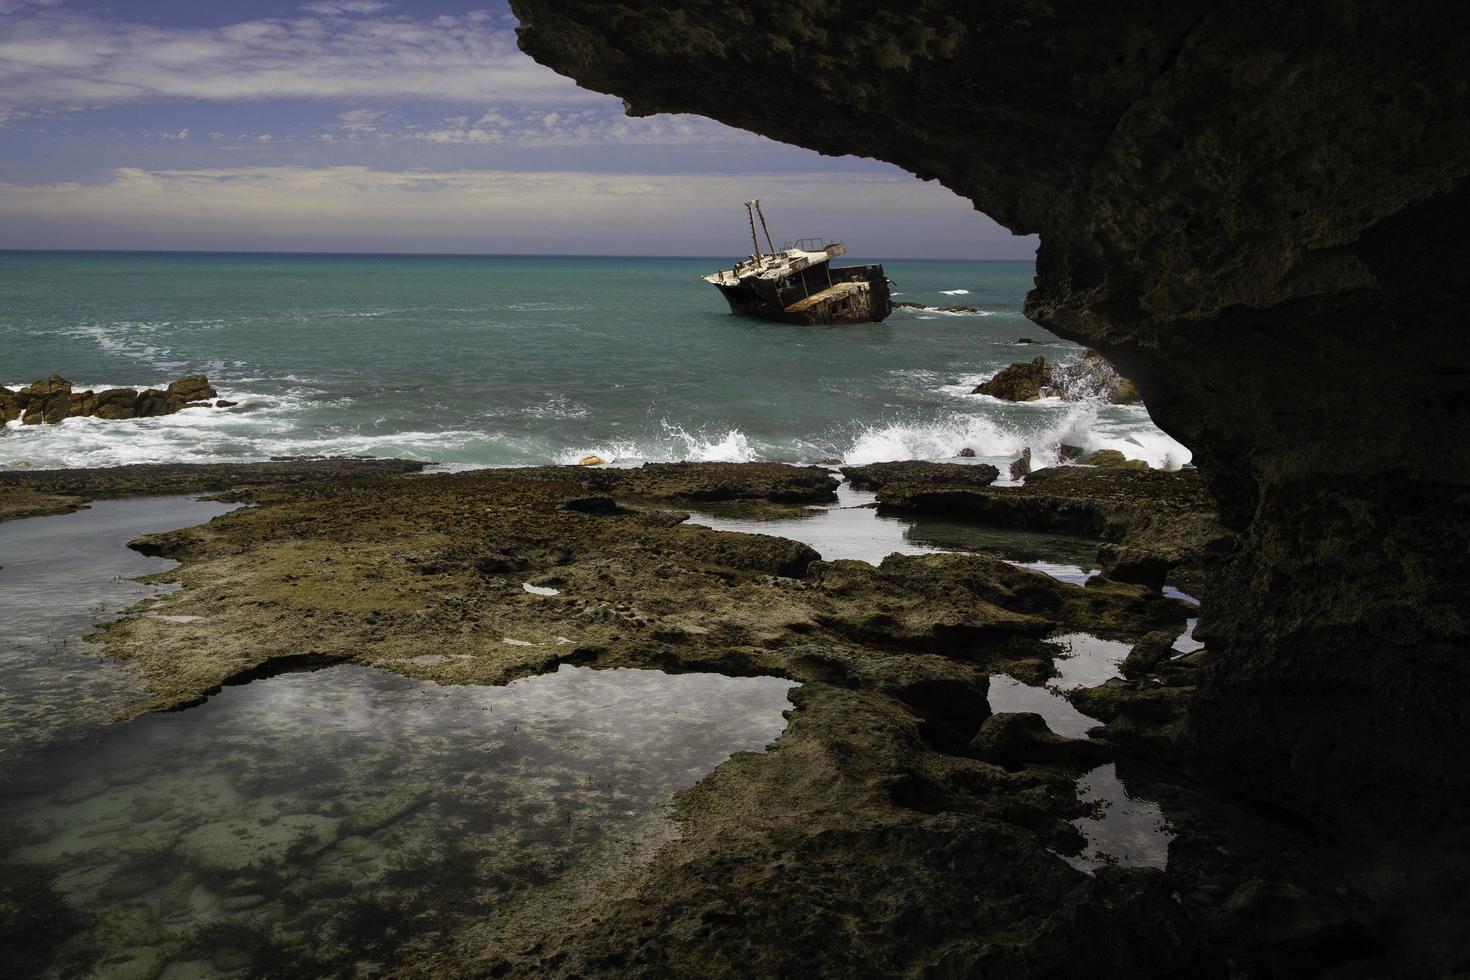 arniston, cabo occidental, 2020 - barco en el mar foto